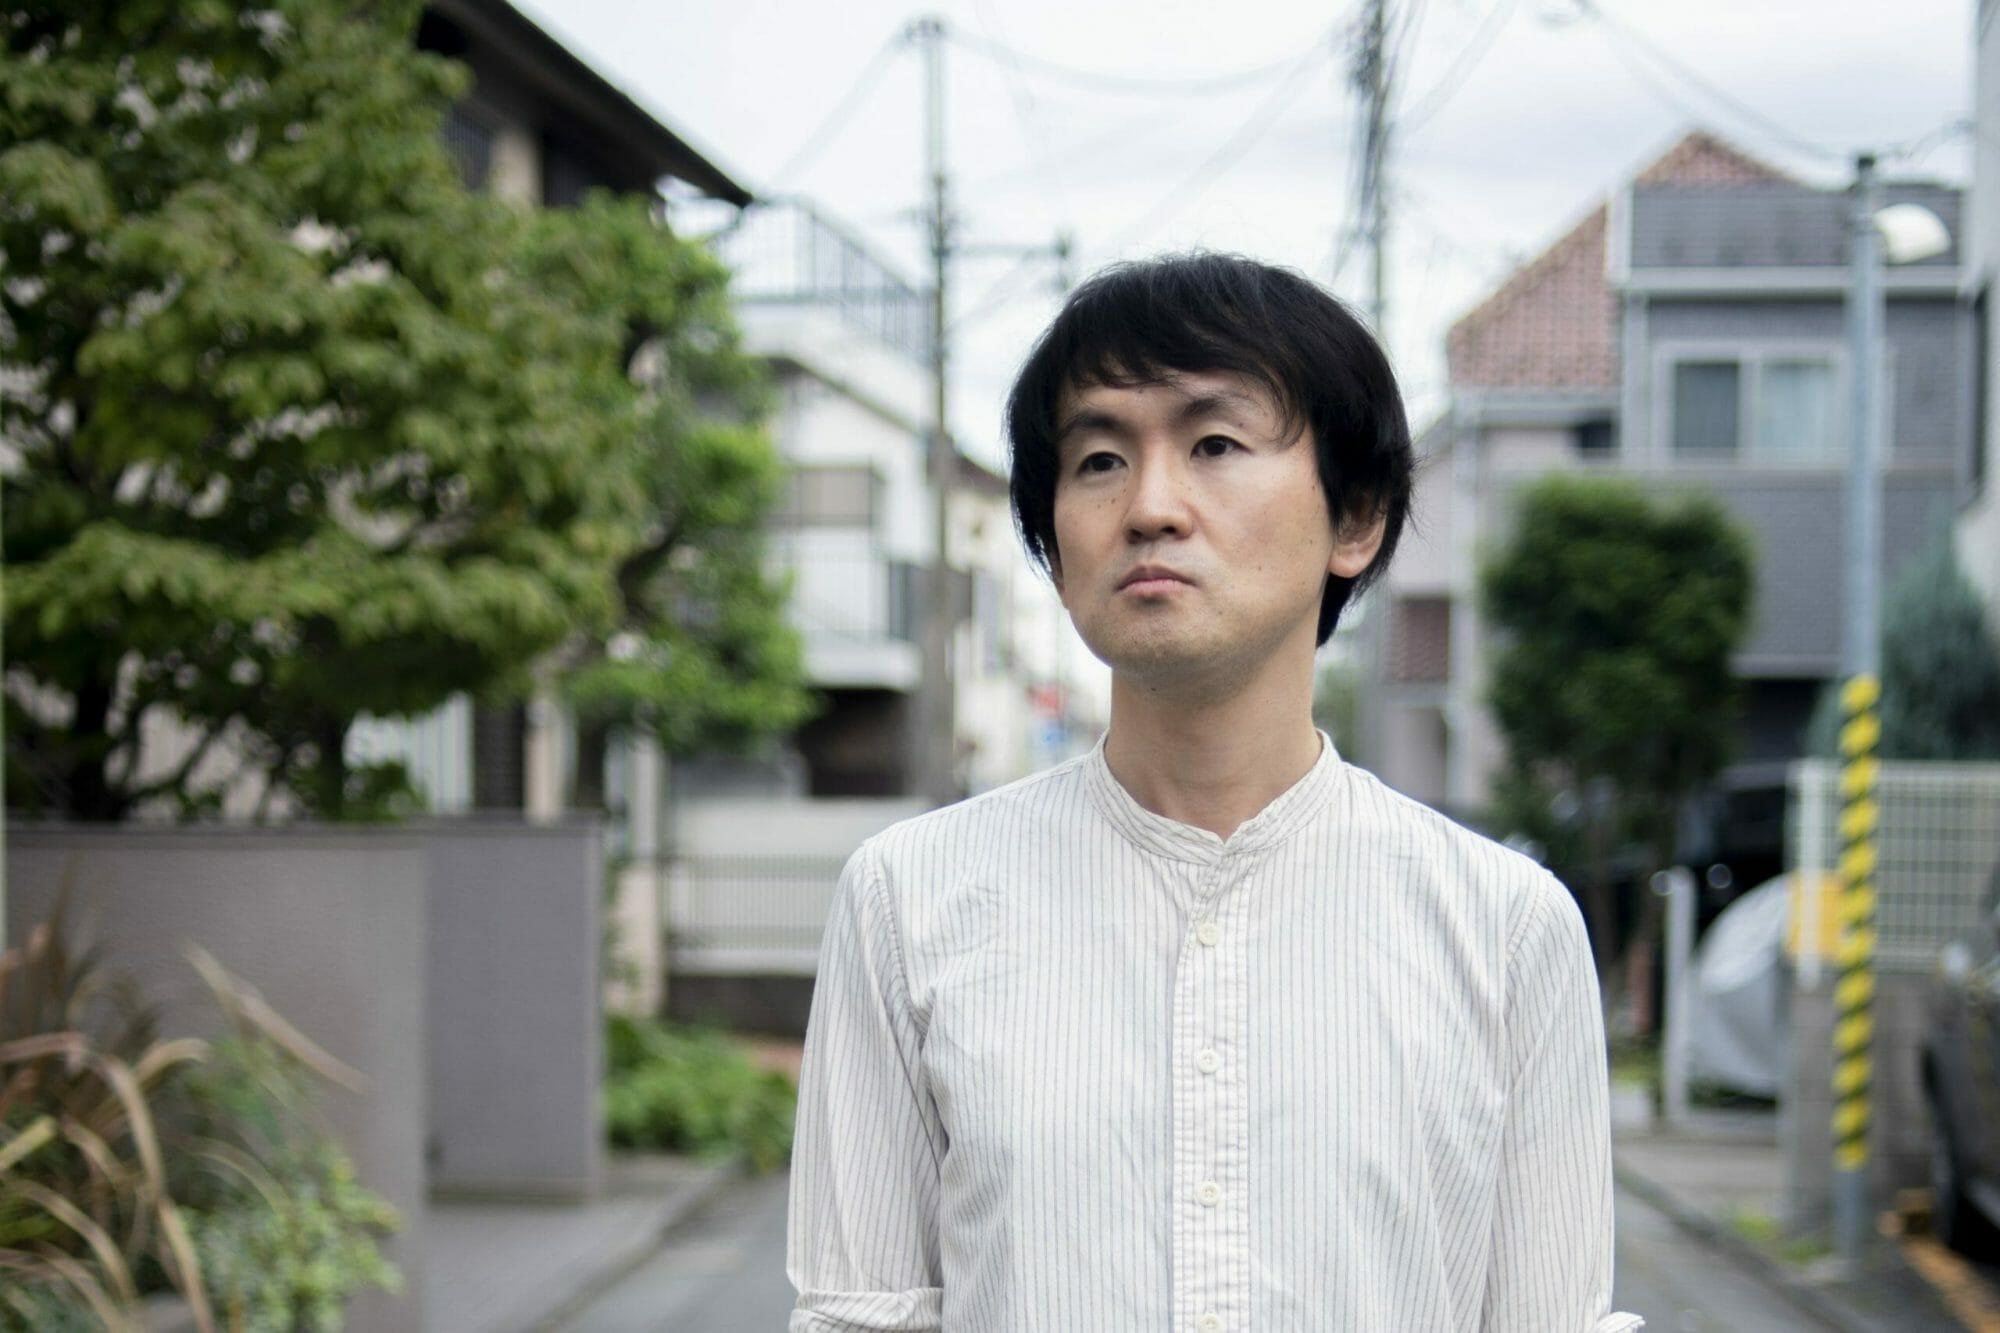 Daisuke Uriu